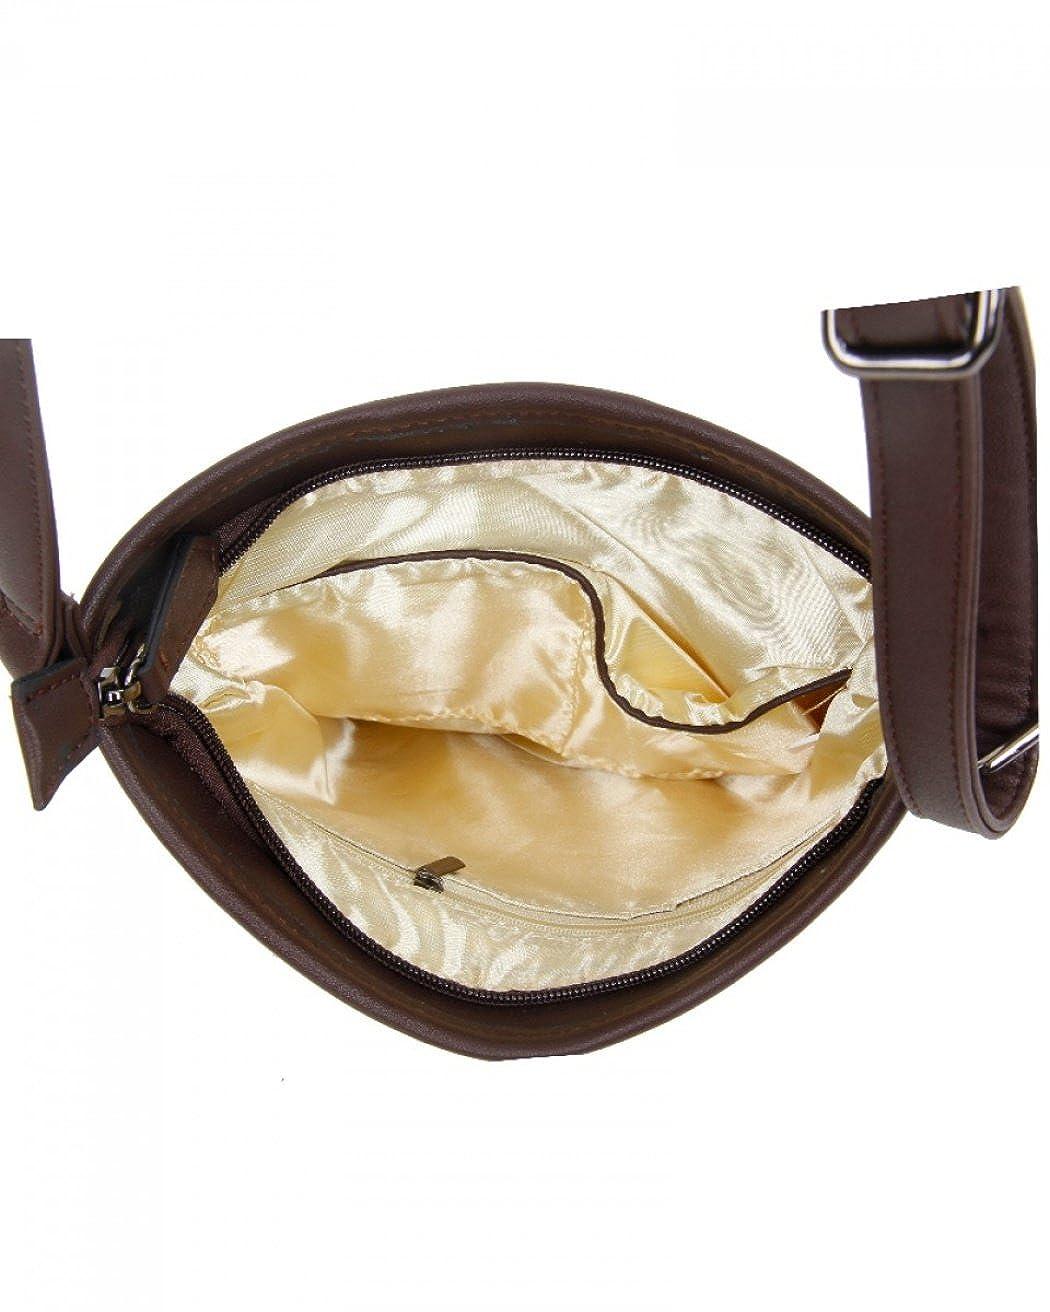 28fba9120 LeahWard Men's Women's Canvas Satchel Handbags Ladies School Messenger Bags  2039 160434 (Almond 26x30cm): Amazon.co.uk: Shoes & Bags